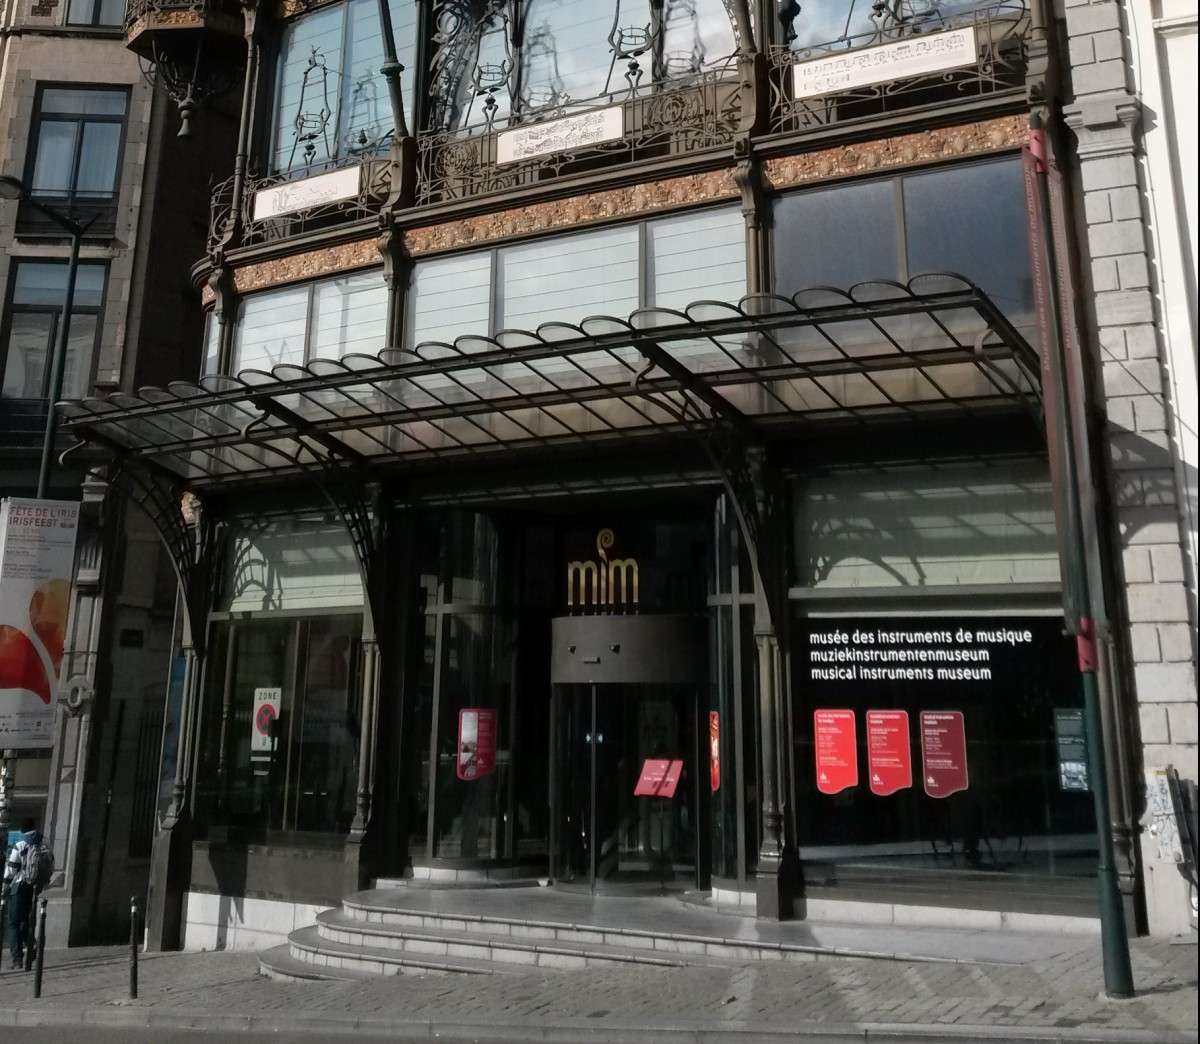 Il Museo degli Strumenti musicali di Bruxelles, un gioiello da visitare!